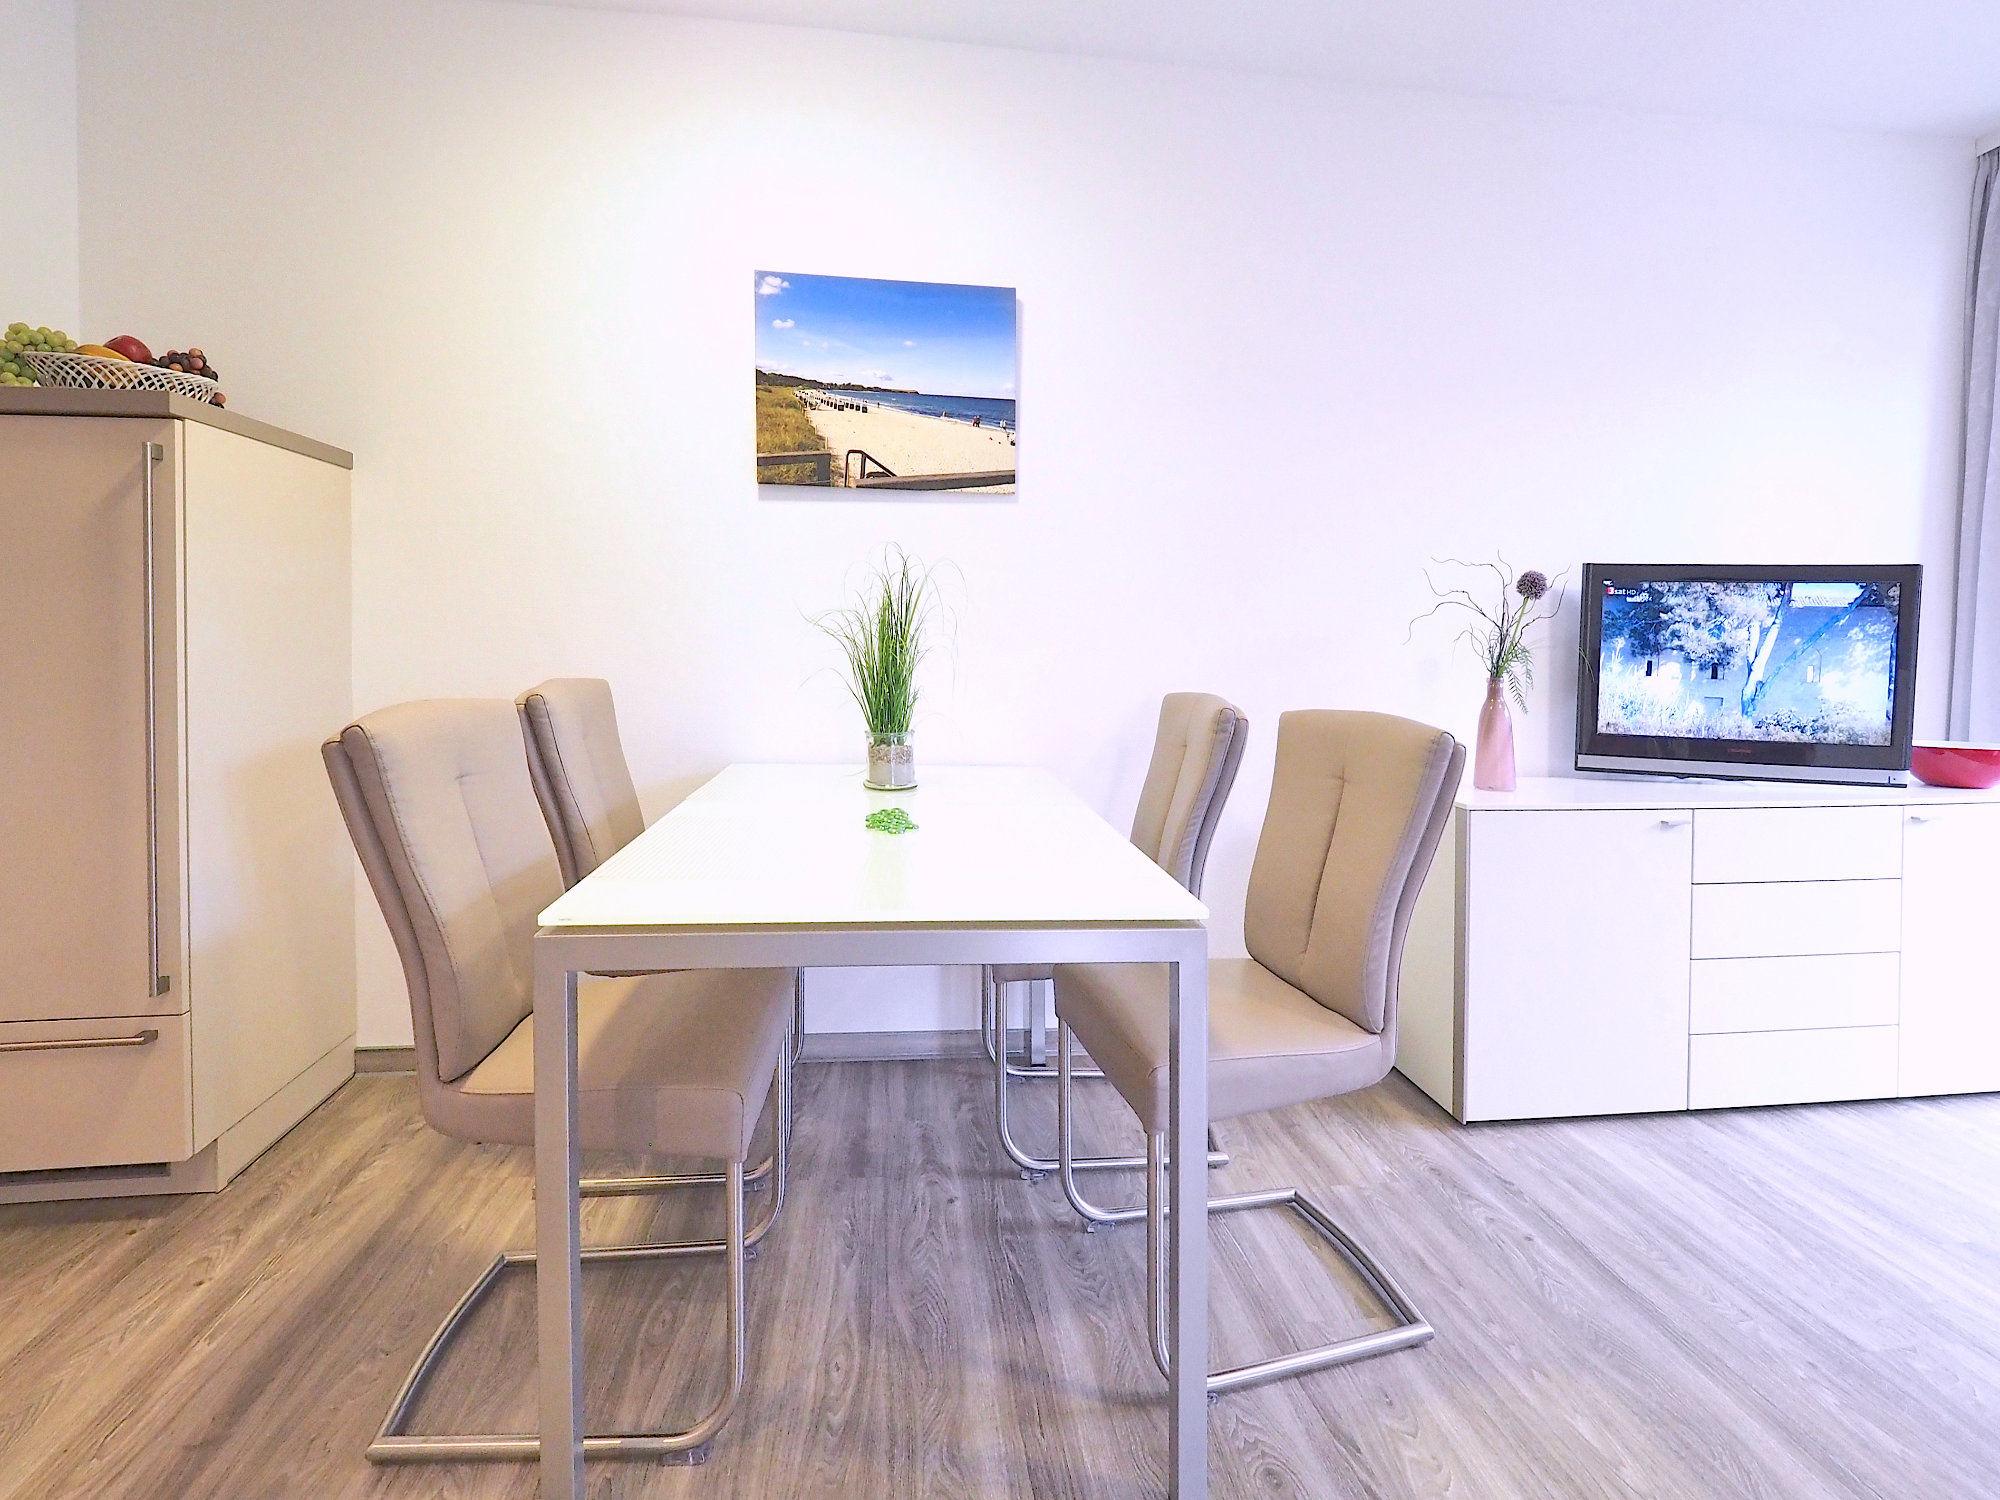 Esstisch mit vier Stühlen, rechts davon Sideboard mit Flatscreen TV